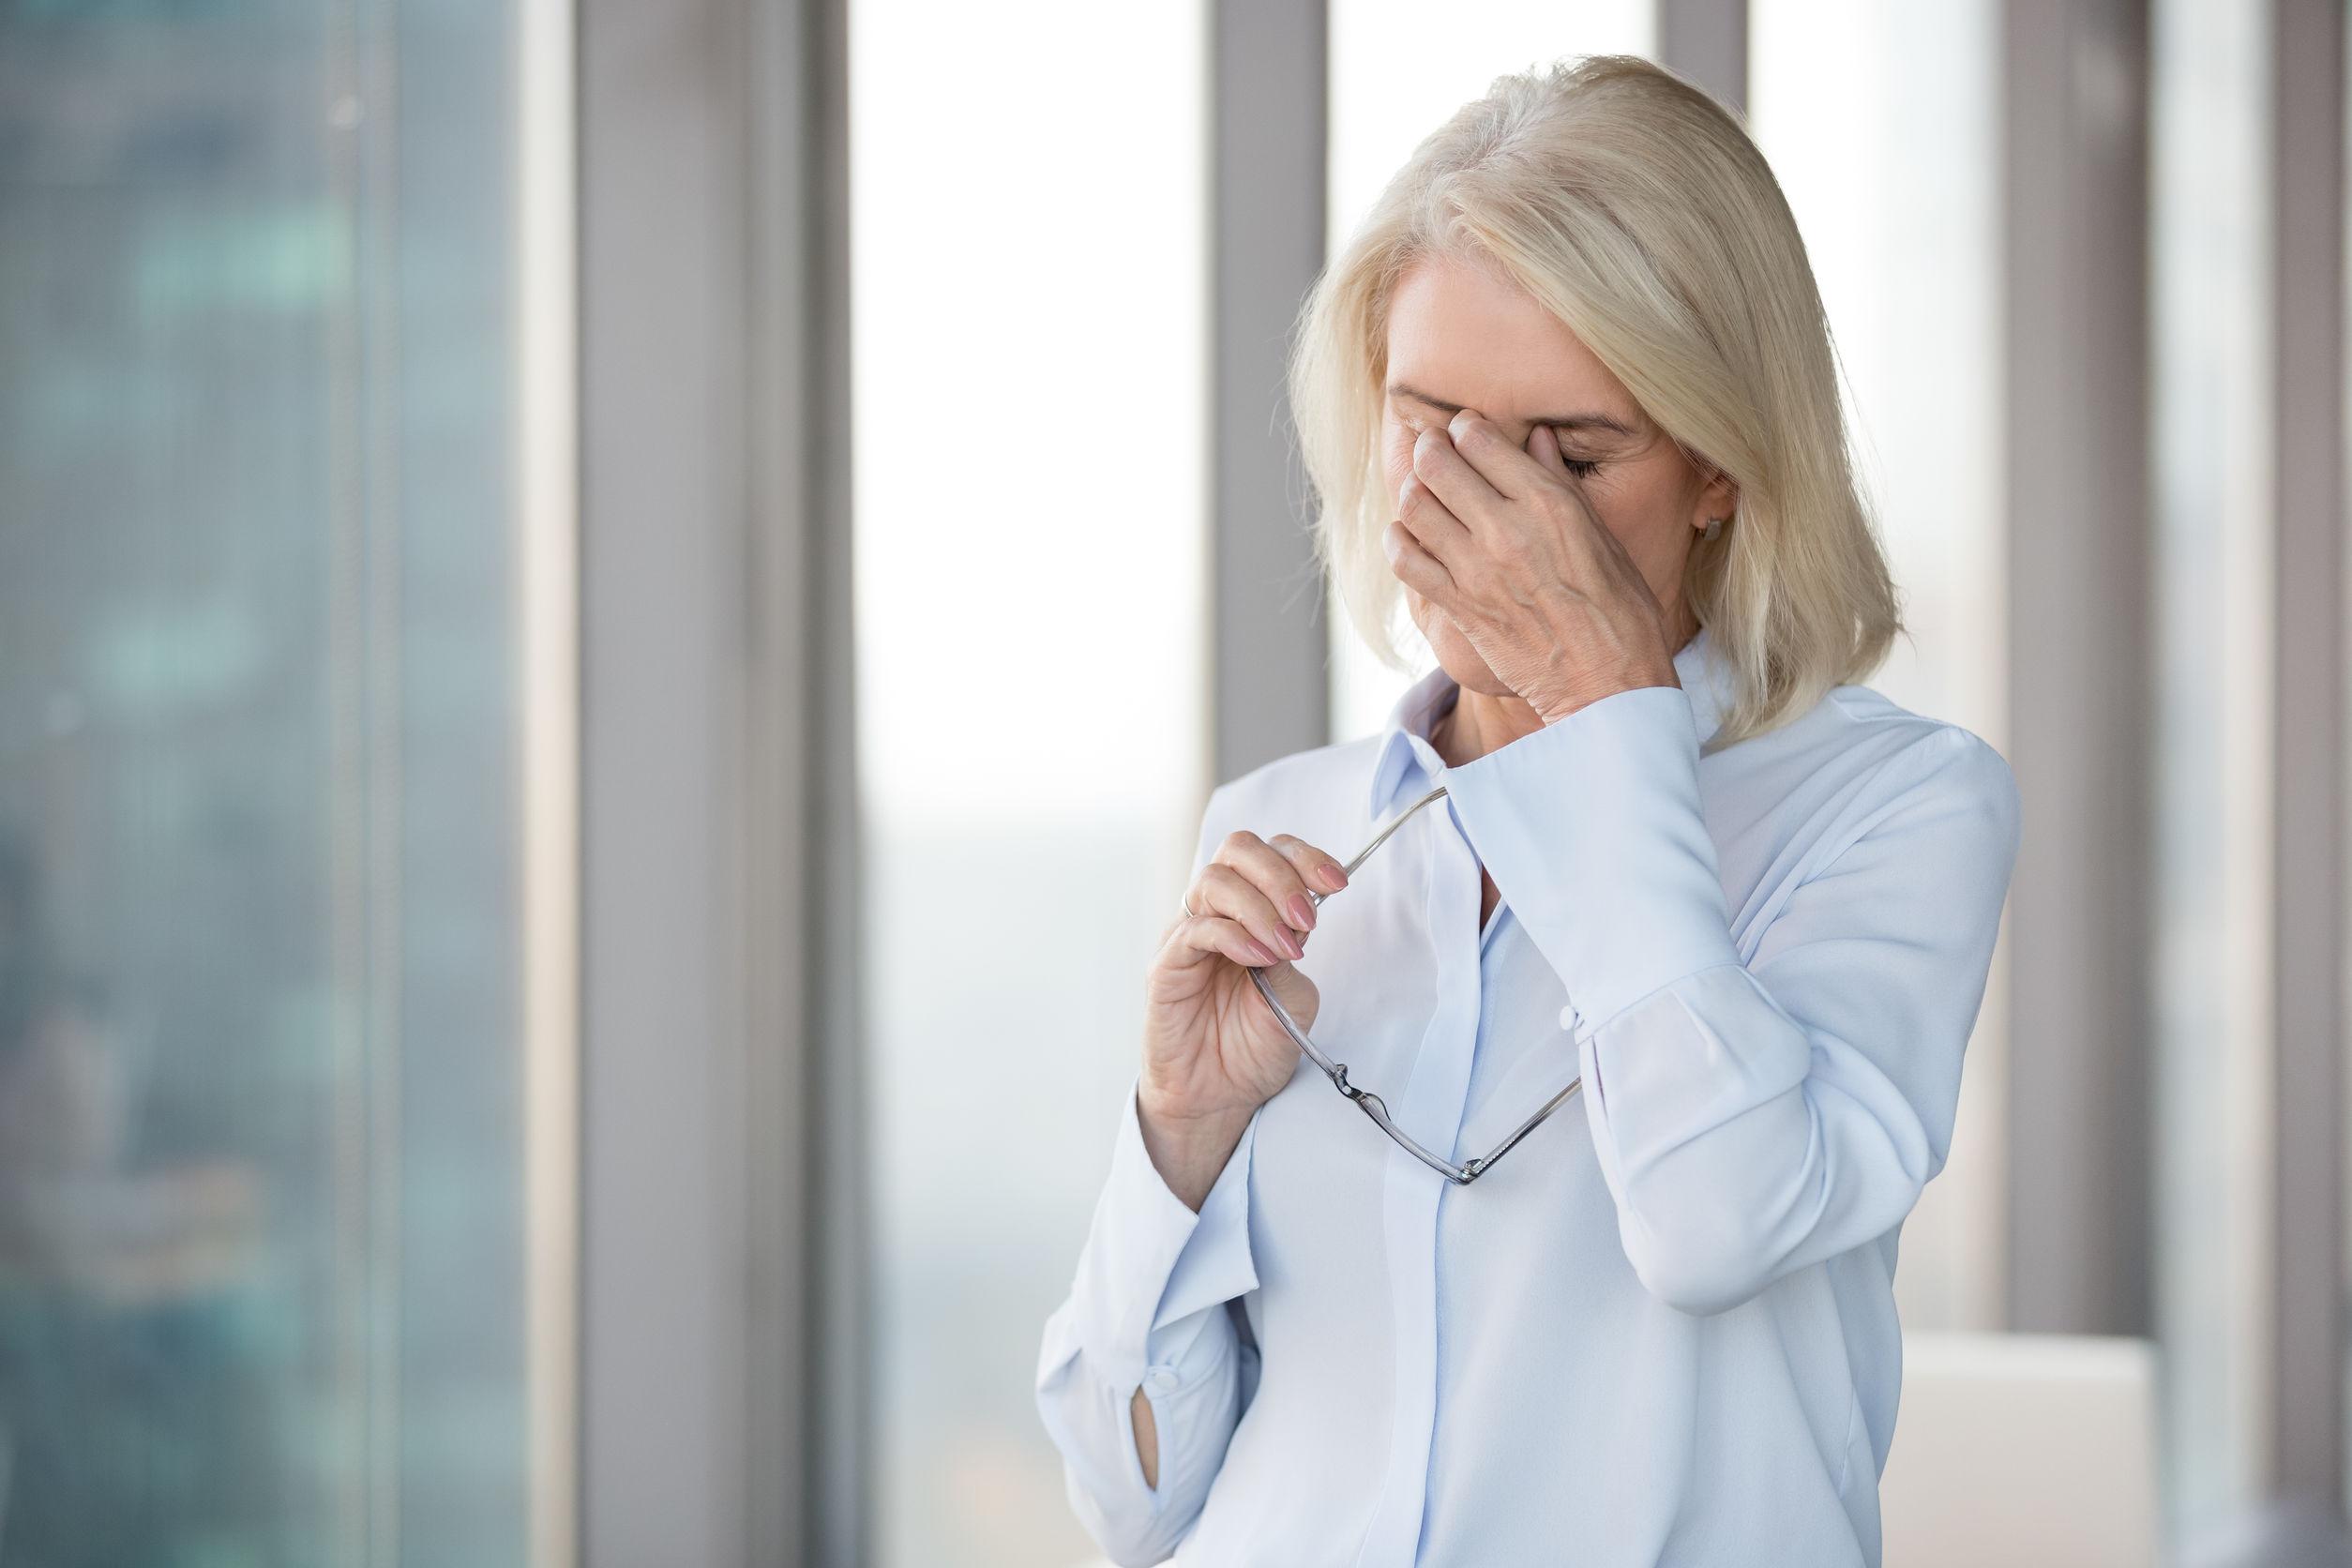 medikamente-gegen-schwindelgefühl-test